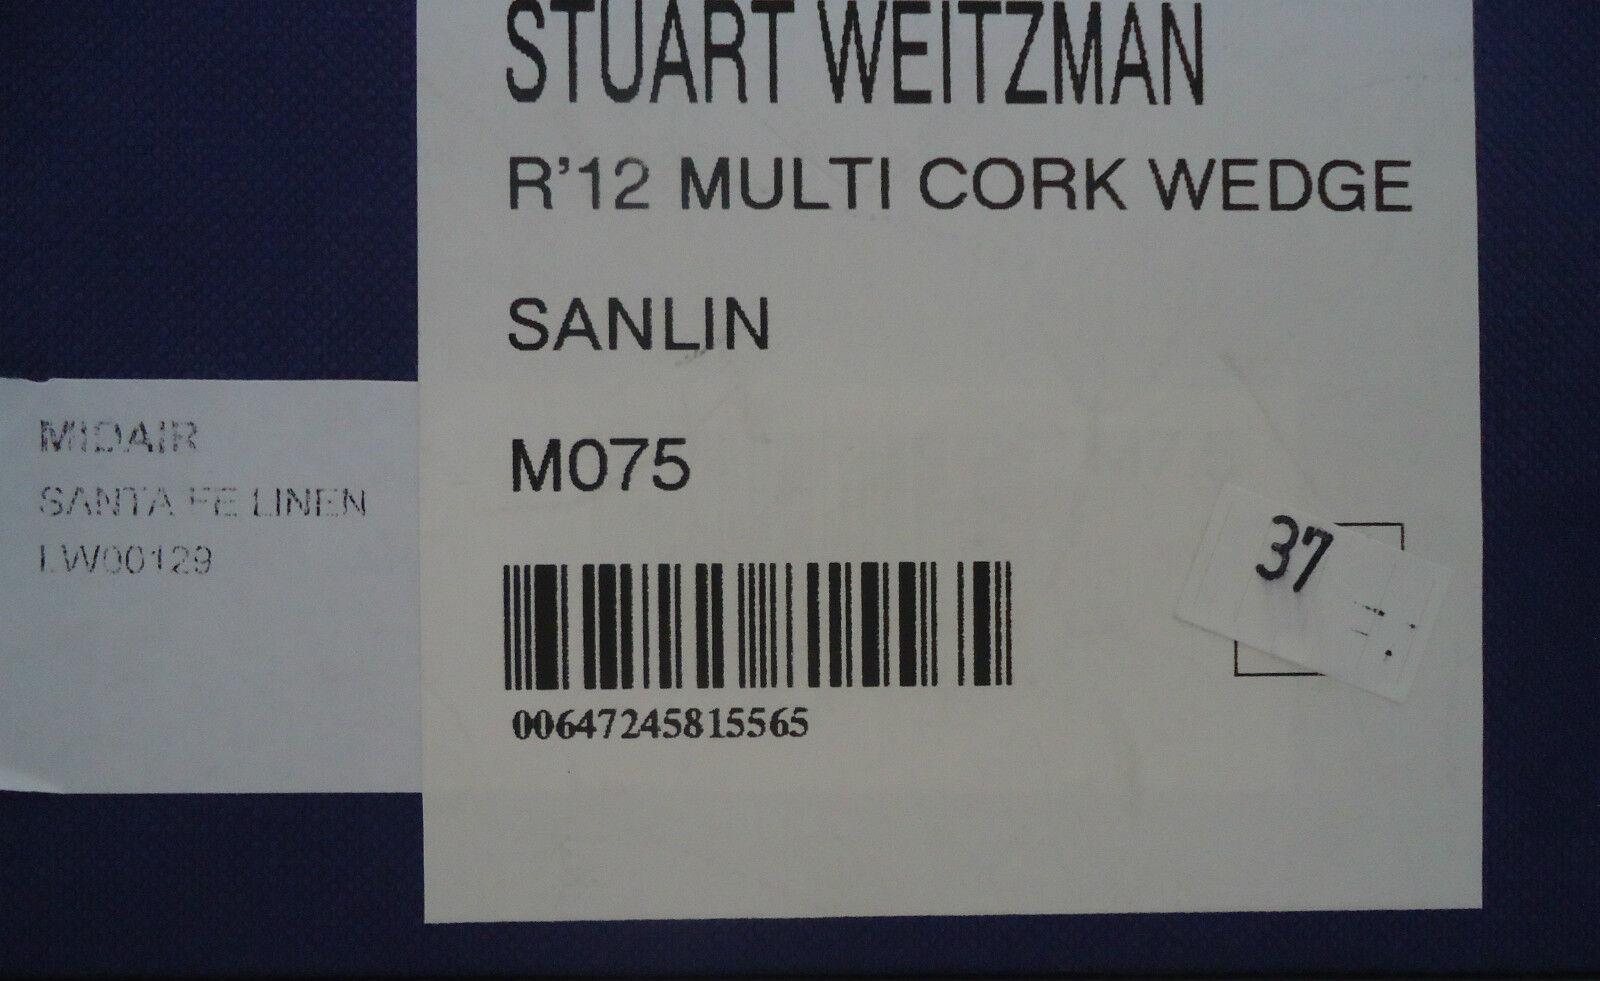 Stuart Weitzman capturan Corcho Sandalia de de de cuña Santa Fe Lino Talla 7.5 4ba59a